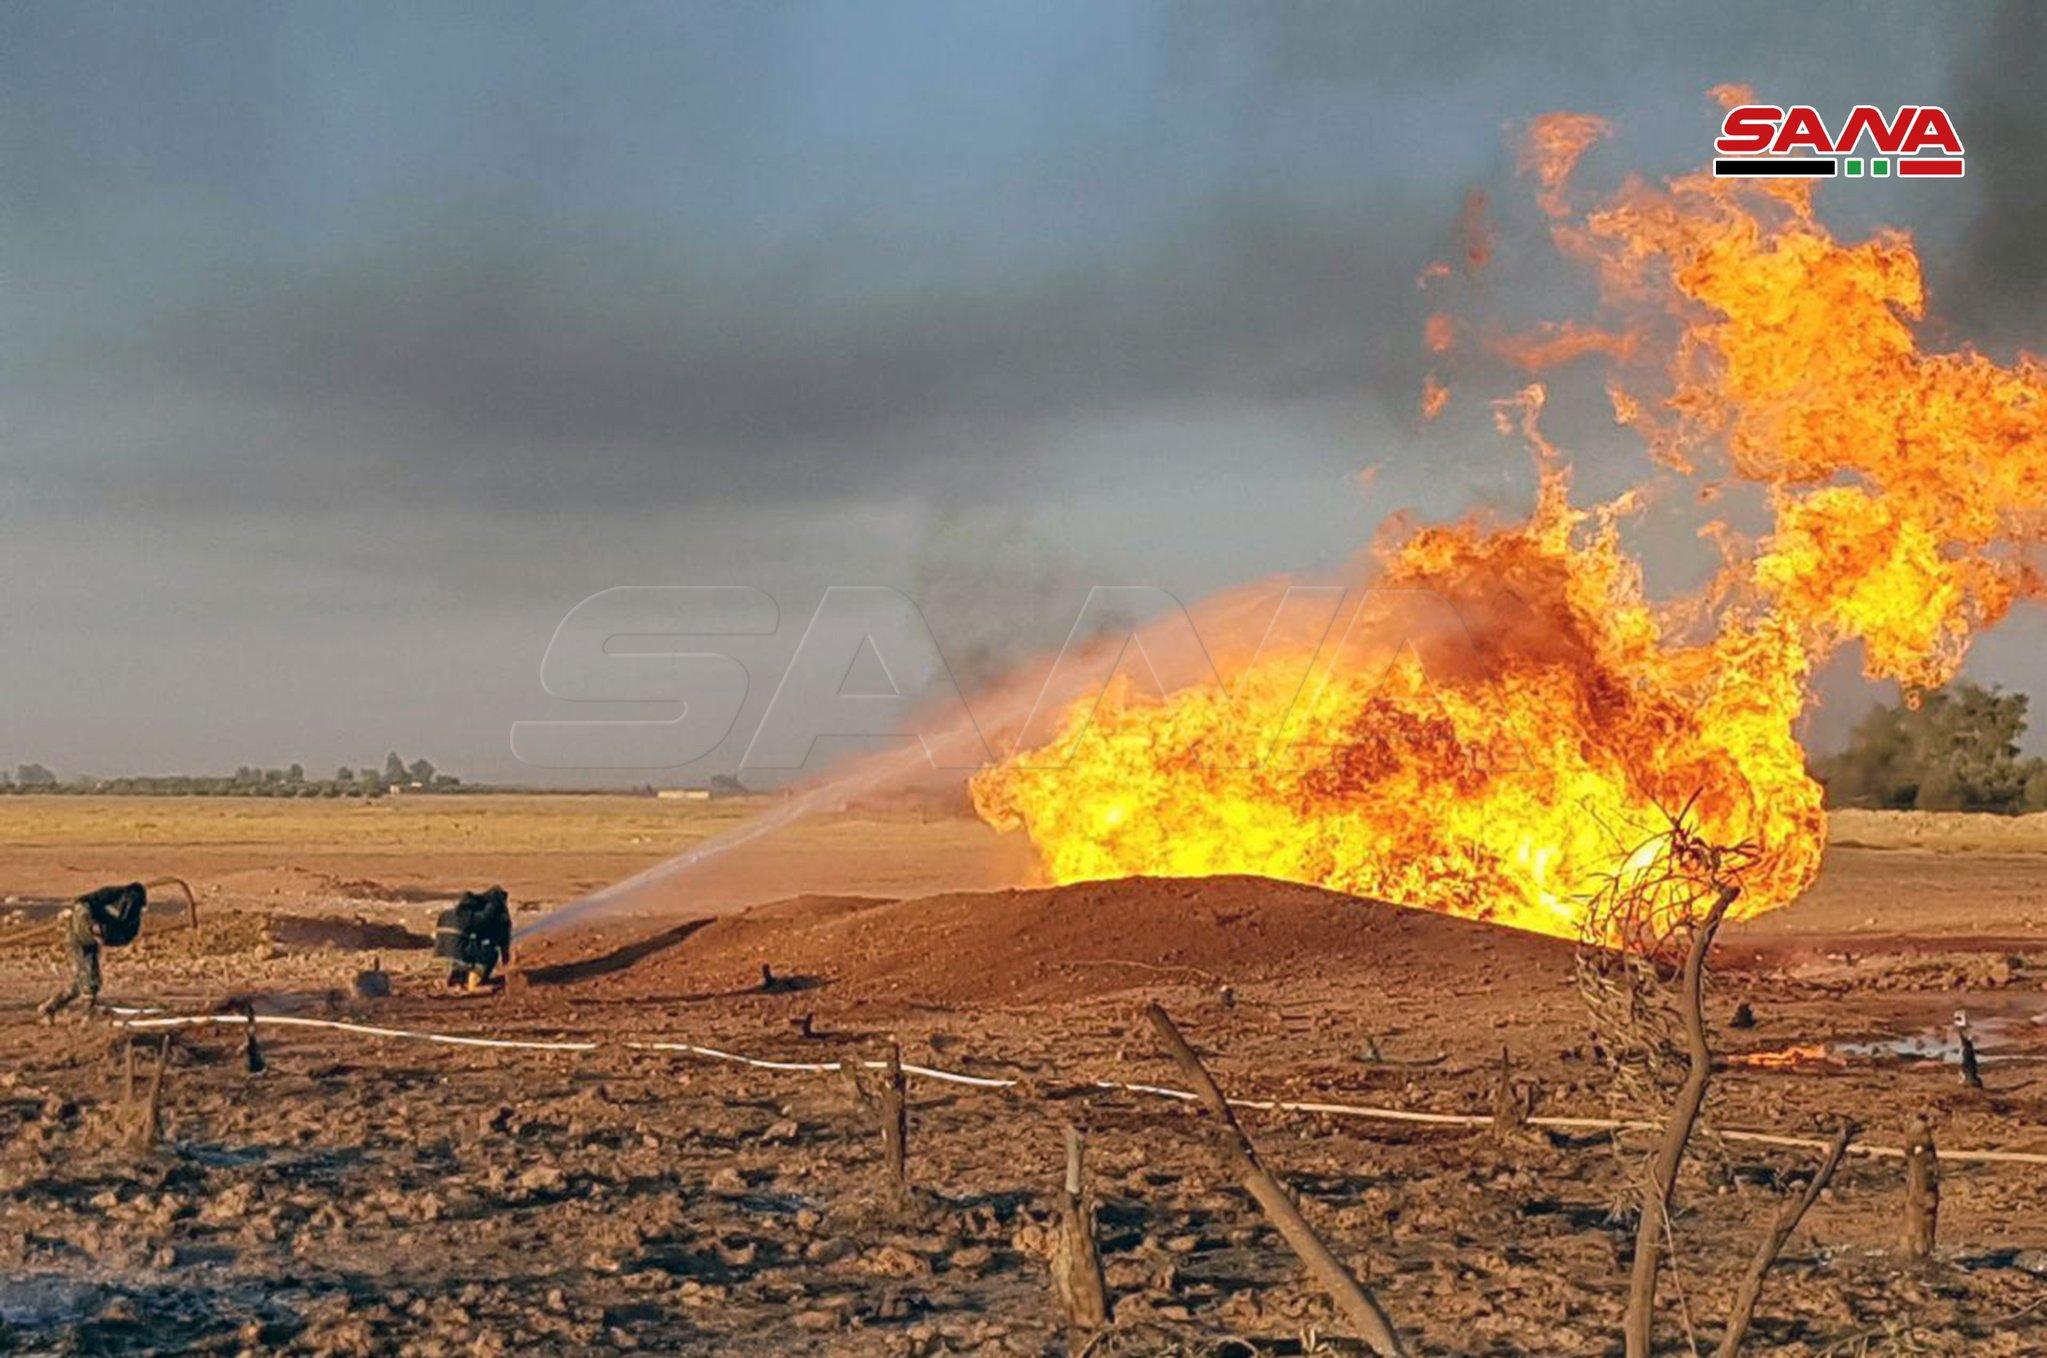 وقوع انفجار در خط لوله گاز در دمشق/ برق کل کشور سوریه قطع شد+ تصاویر